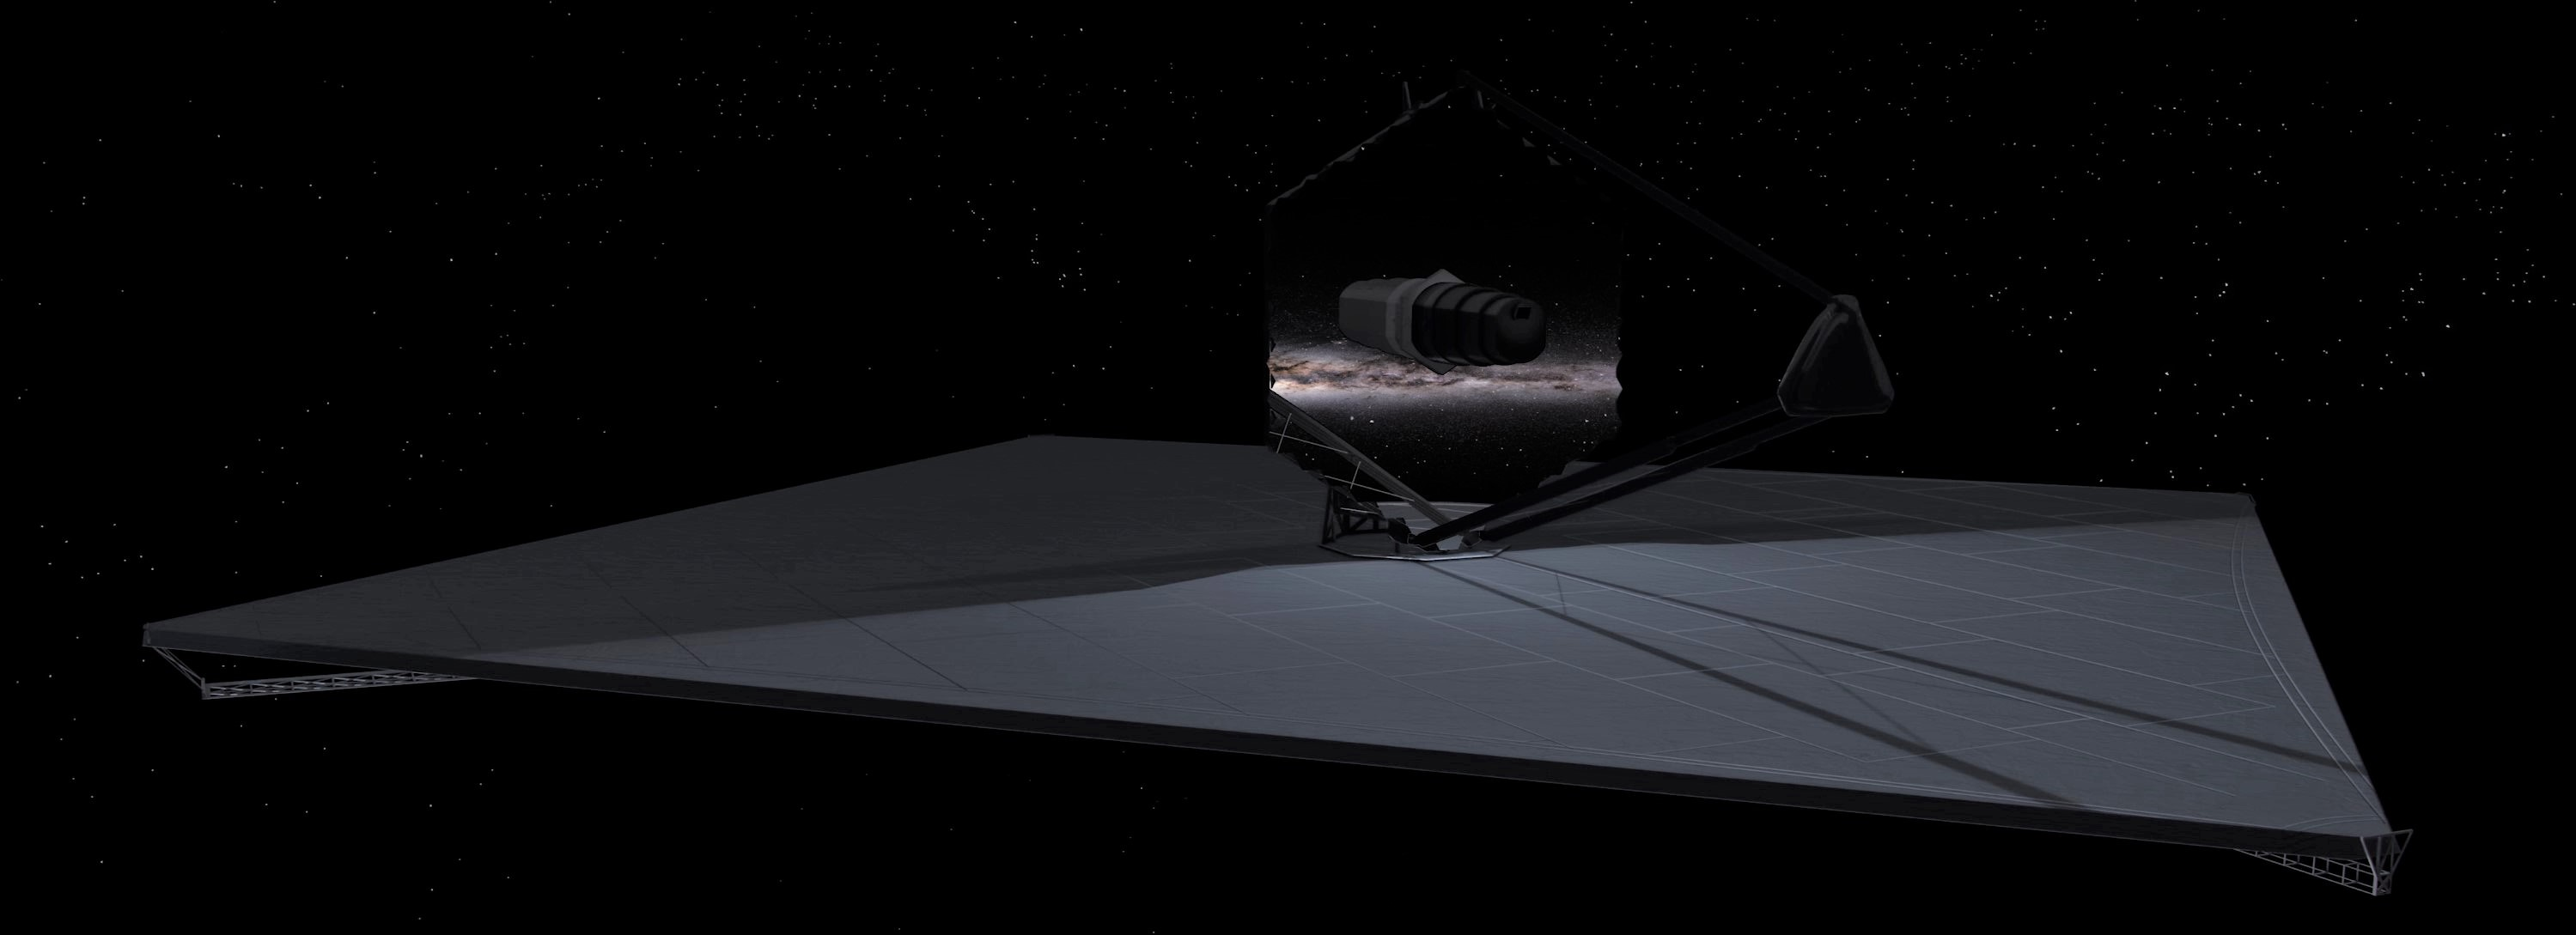 LUVOIR render (NASA) 3